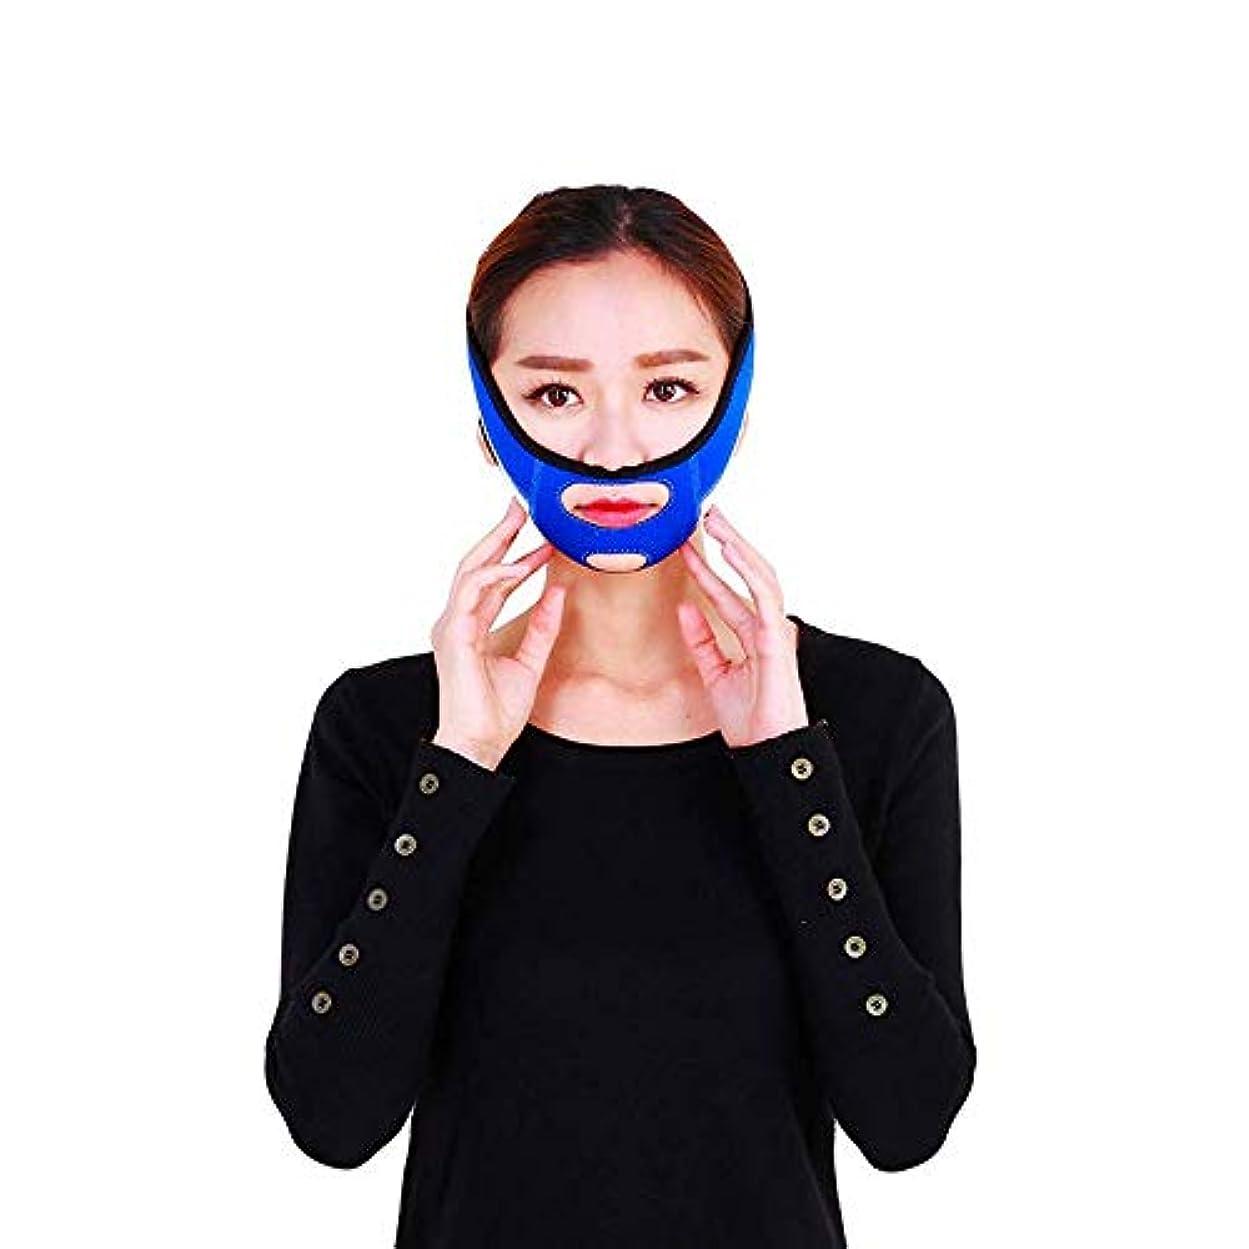 南方の仕出します閉じ込める二重顎顔面矯正ツールであるフェースシェイプドマスクVfaceアーチファクトを強力に強化する包帯